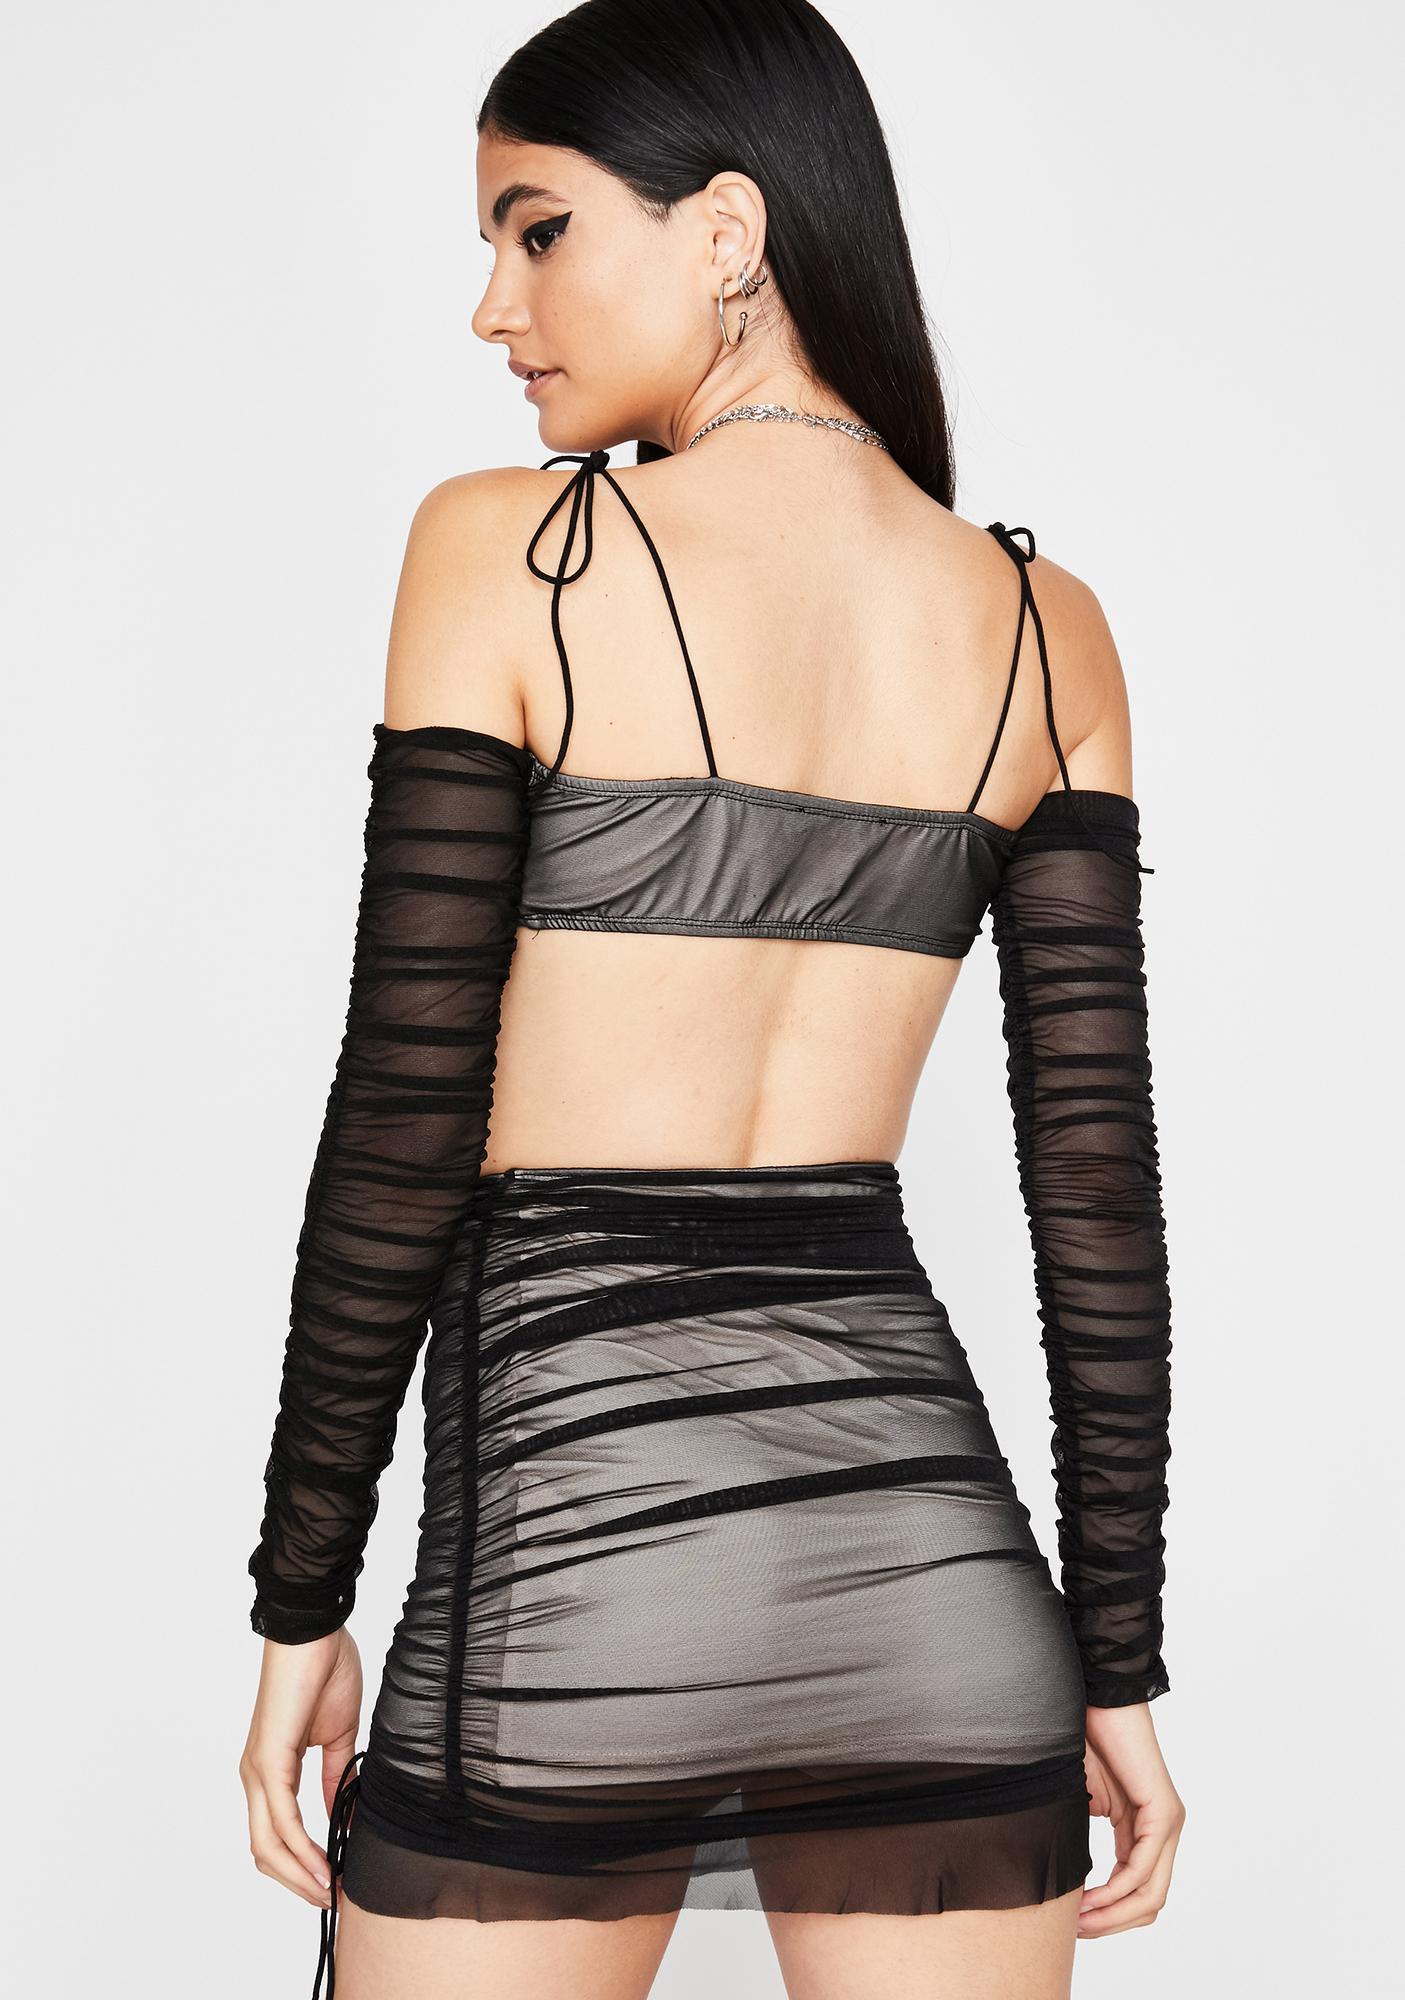 Obsidian Luv Me Good Skirt Set